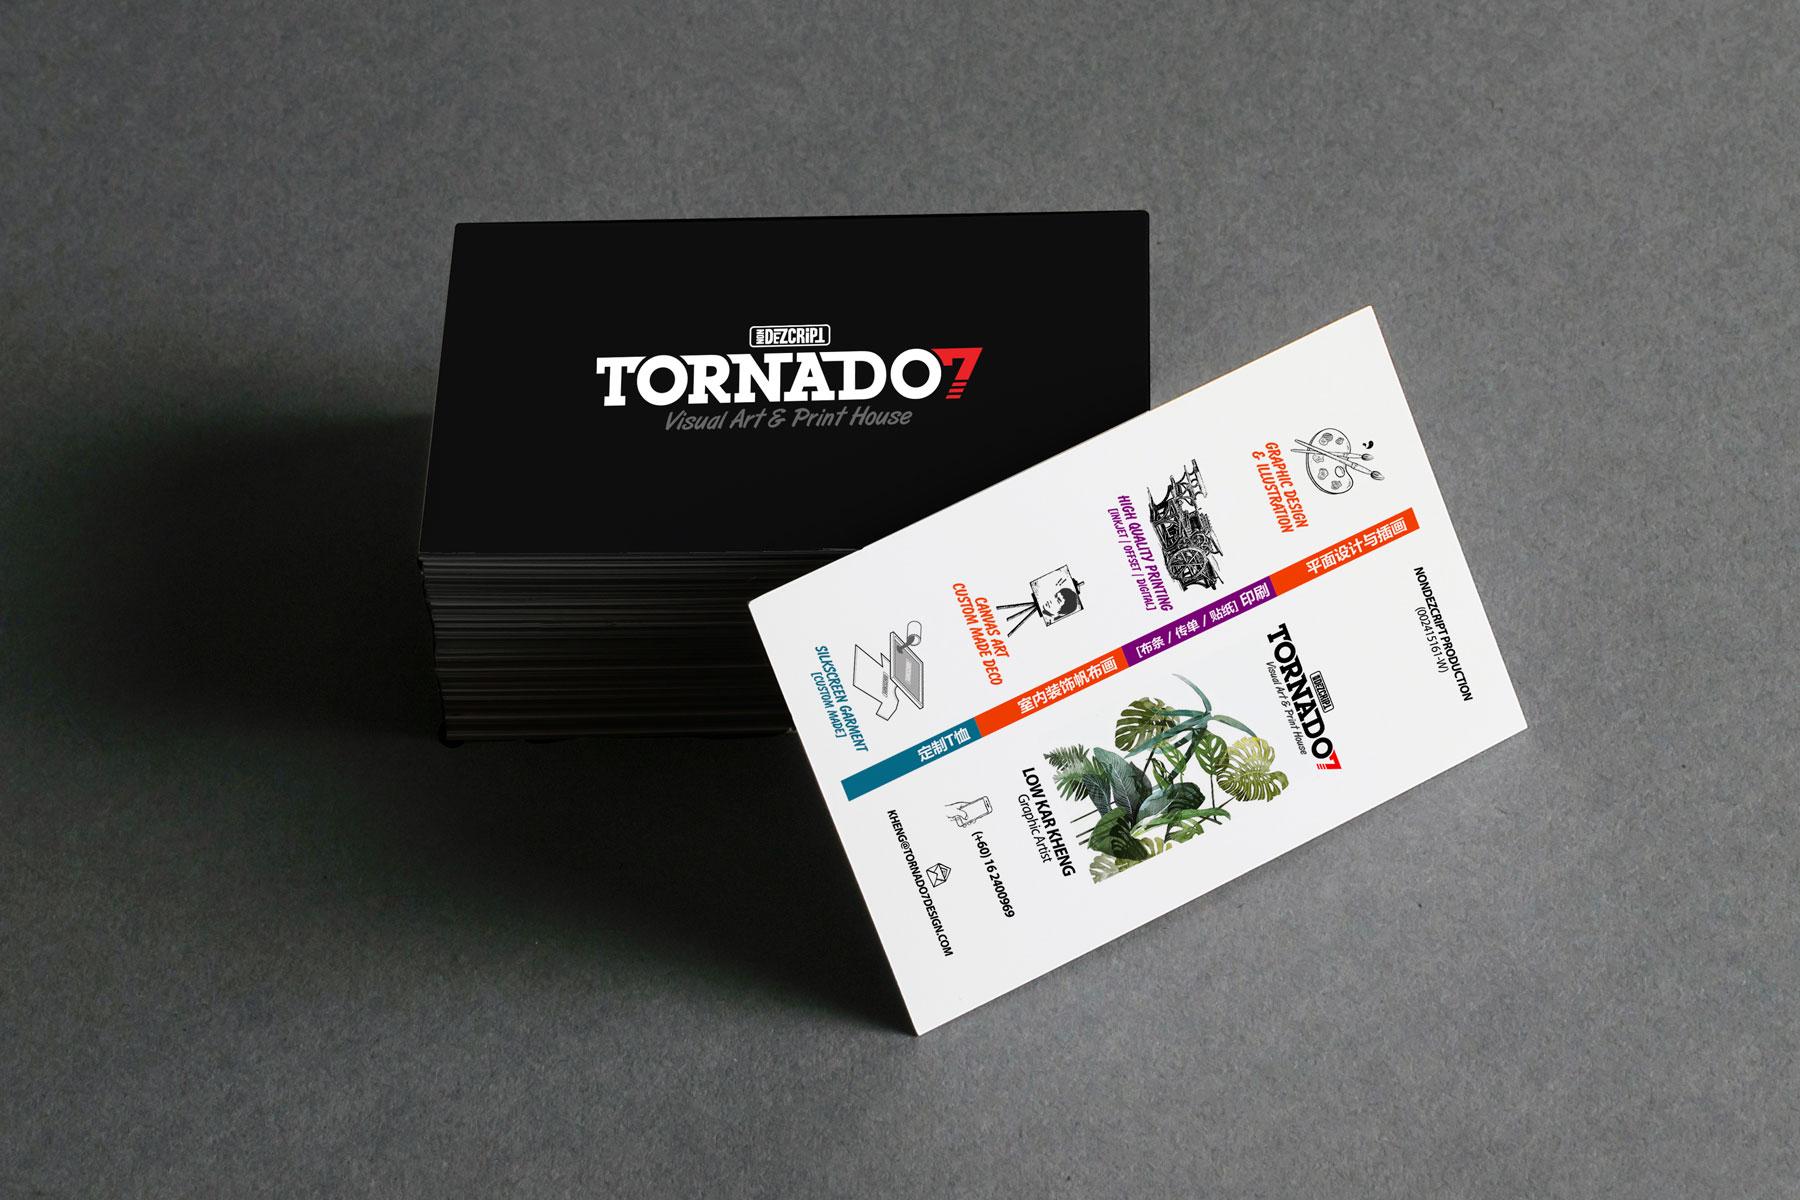 Business Card Design - Tornado7Design